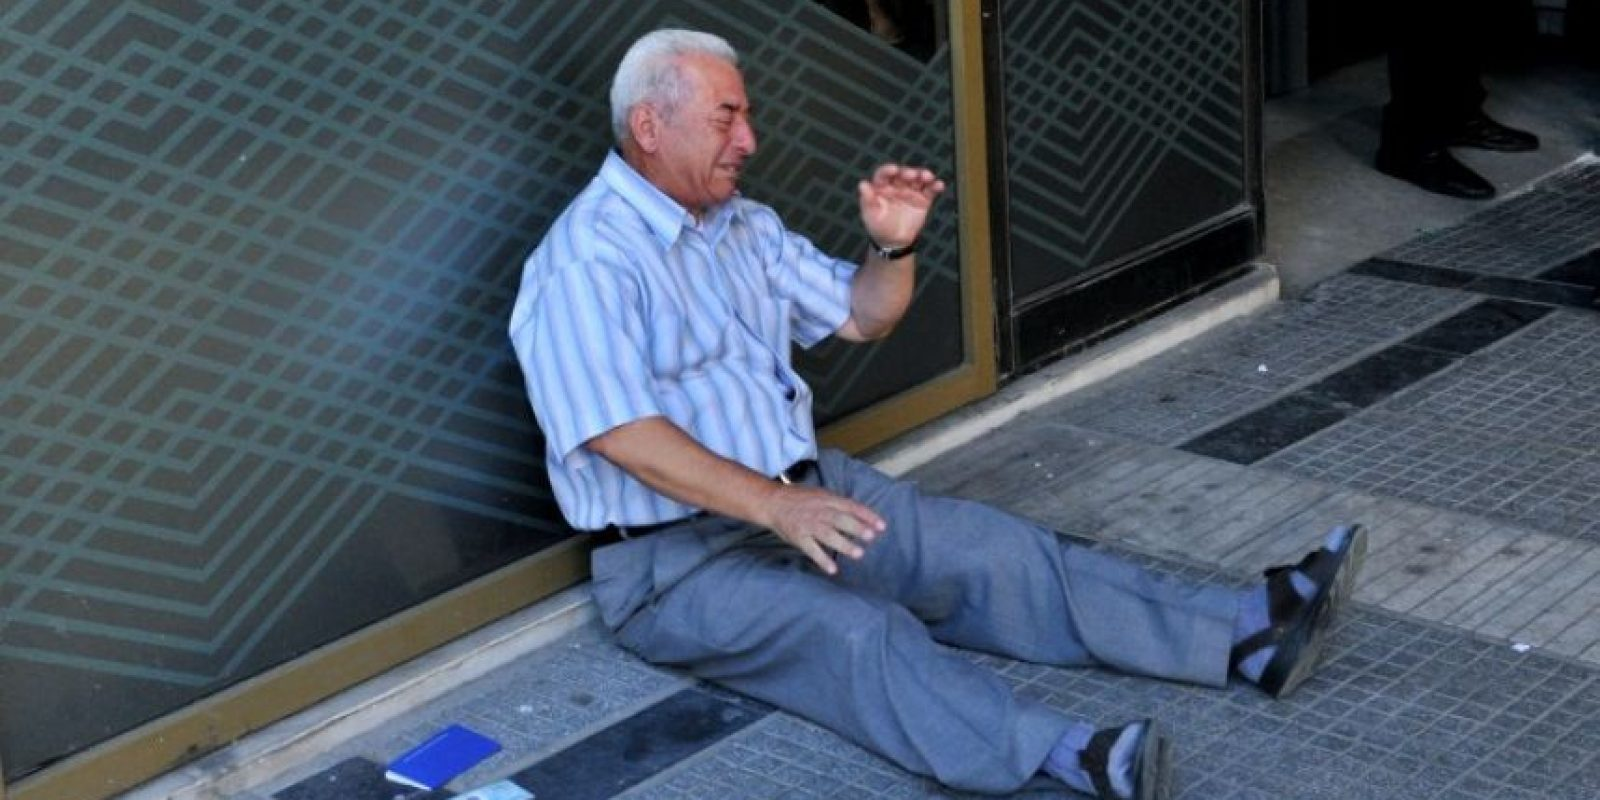 Un empresario australiano anunció que pagará la pensión de este hombre que se convirtió en símbolo de la desesperación que se vive por la crisis económica en Grecia. Foto:AFP